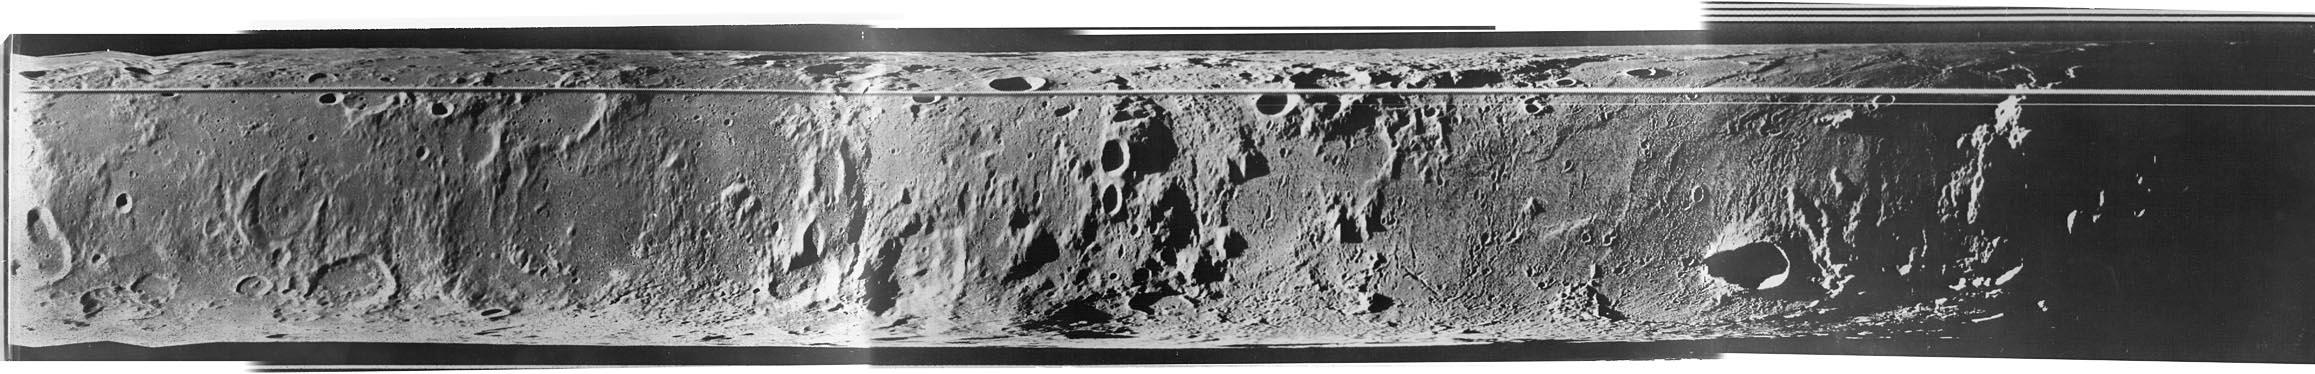 Panorama Księżyca z pokładu Łuny 22. Źródło: http://mentallandscape.com/C_CatalogMoon.htm